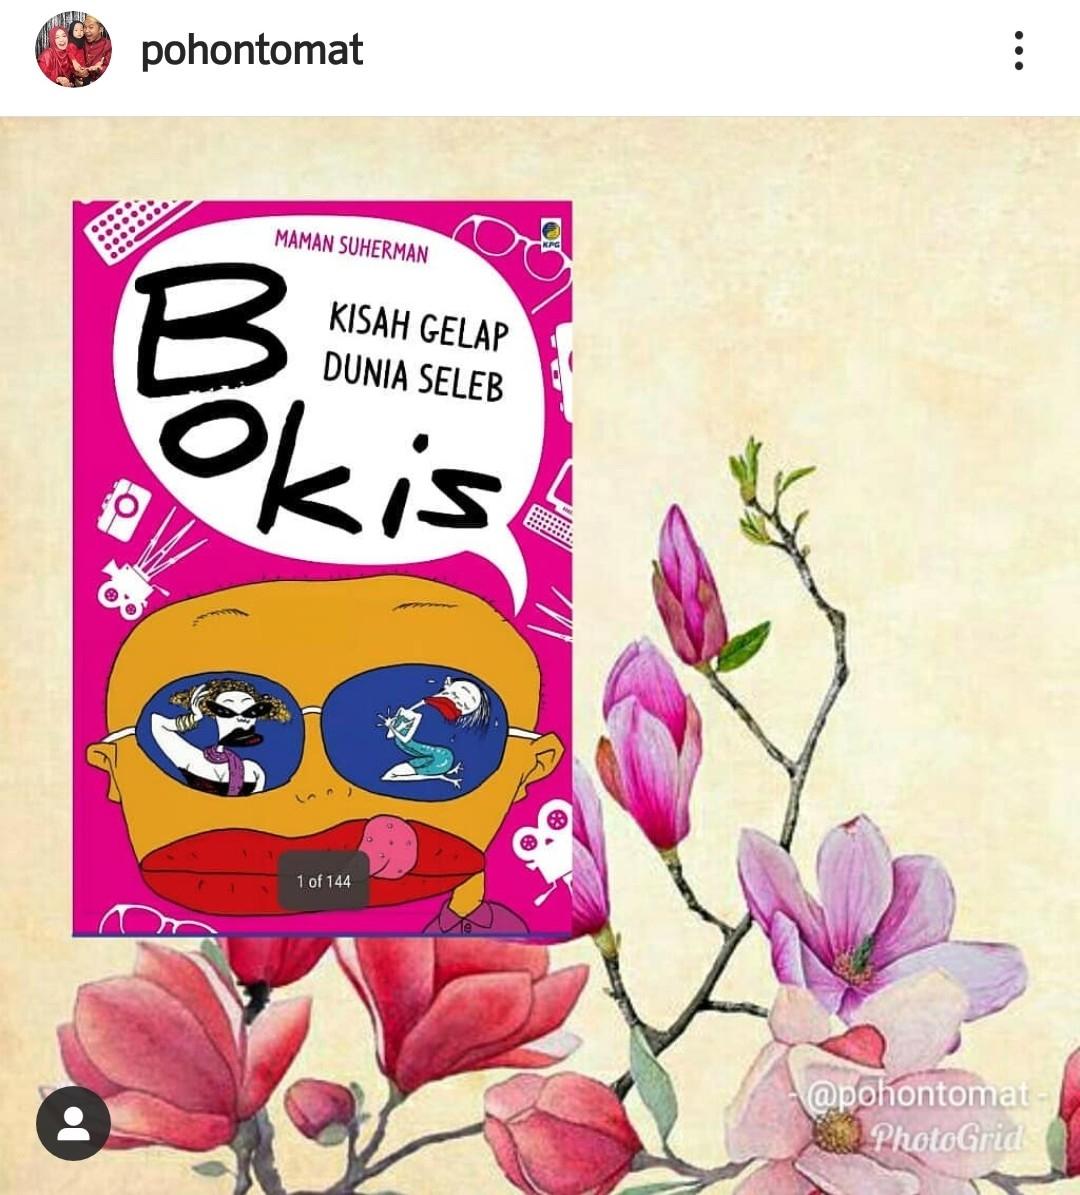 Review buku bokis kang maman